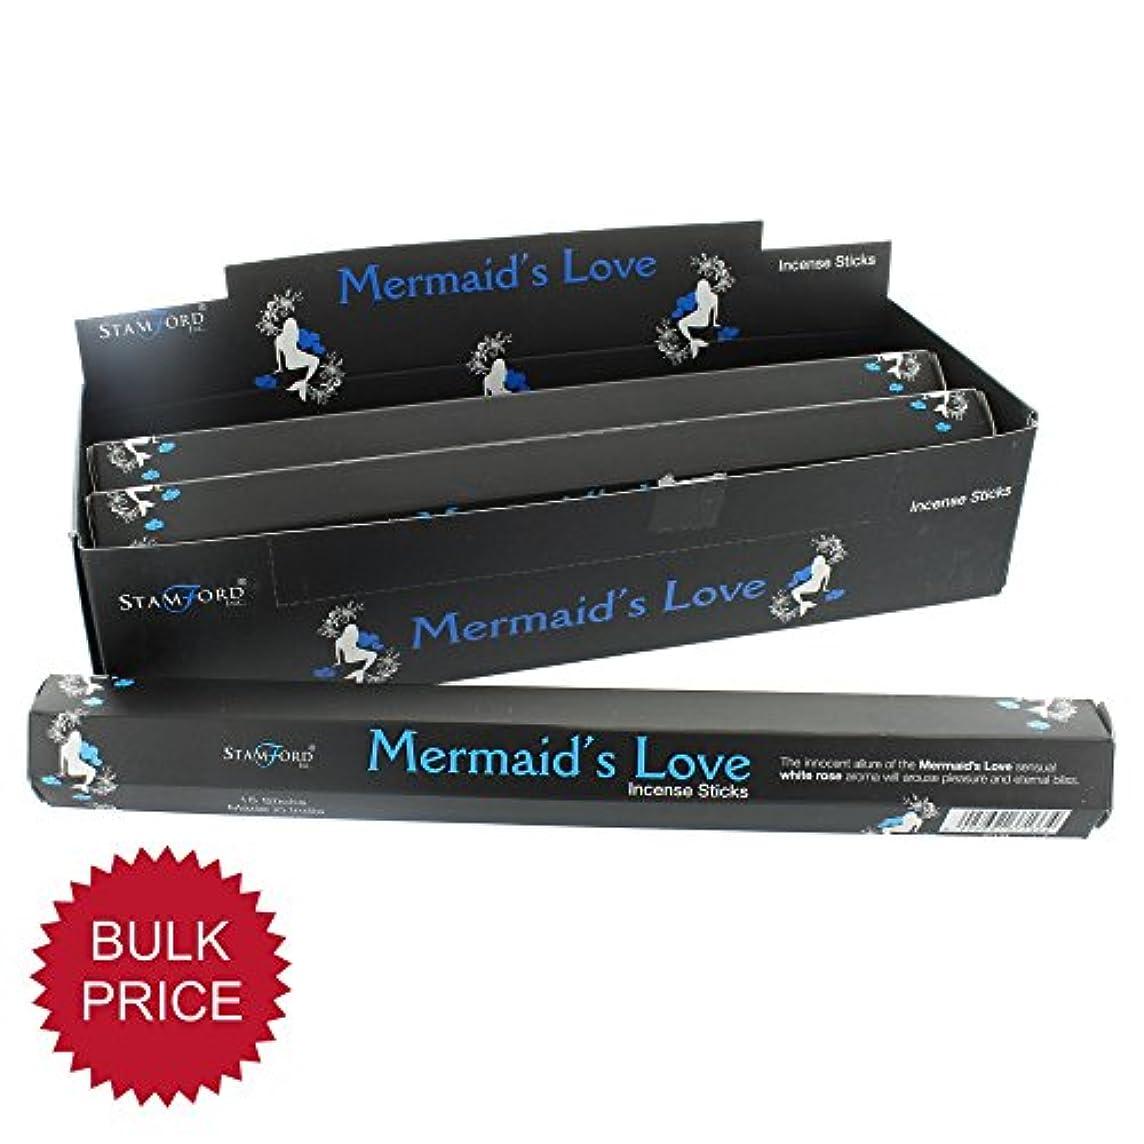 軍団異なる補償37133 Mermaid 's Love StamfordブラックIncense Sticks